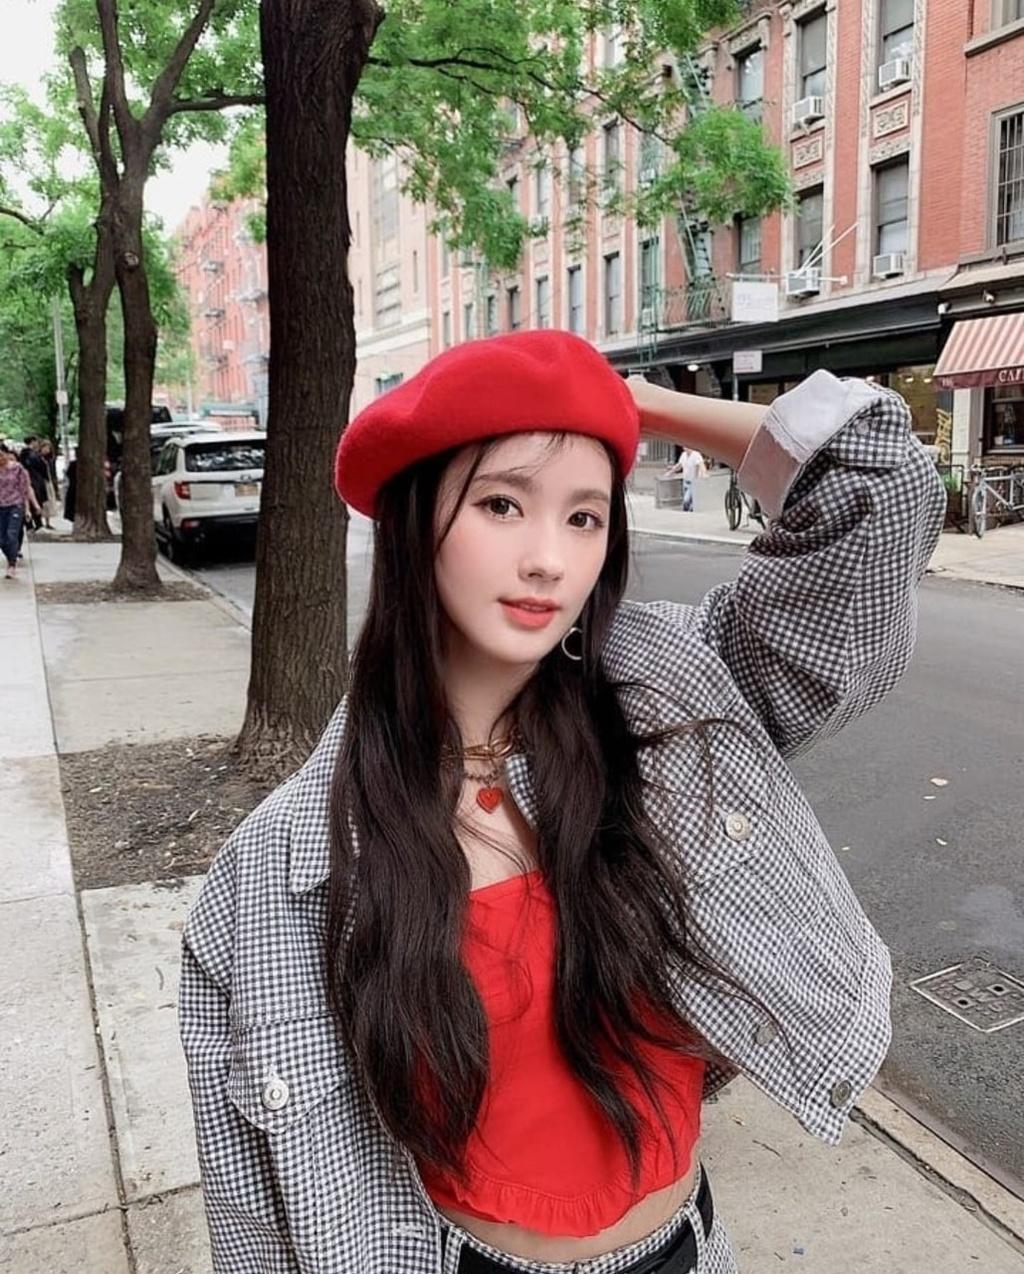 Nhan sac nu than tuong soan ngoi visual cua hang loat my nhan Kpop hinh anh 9